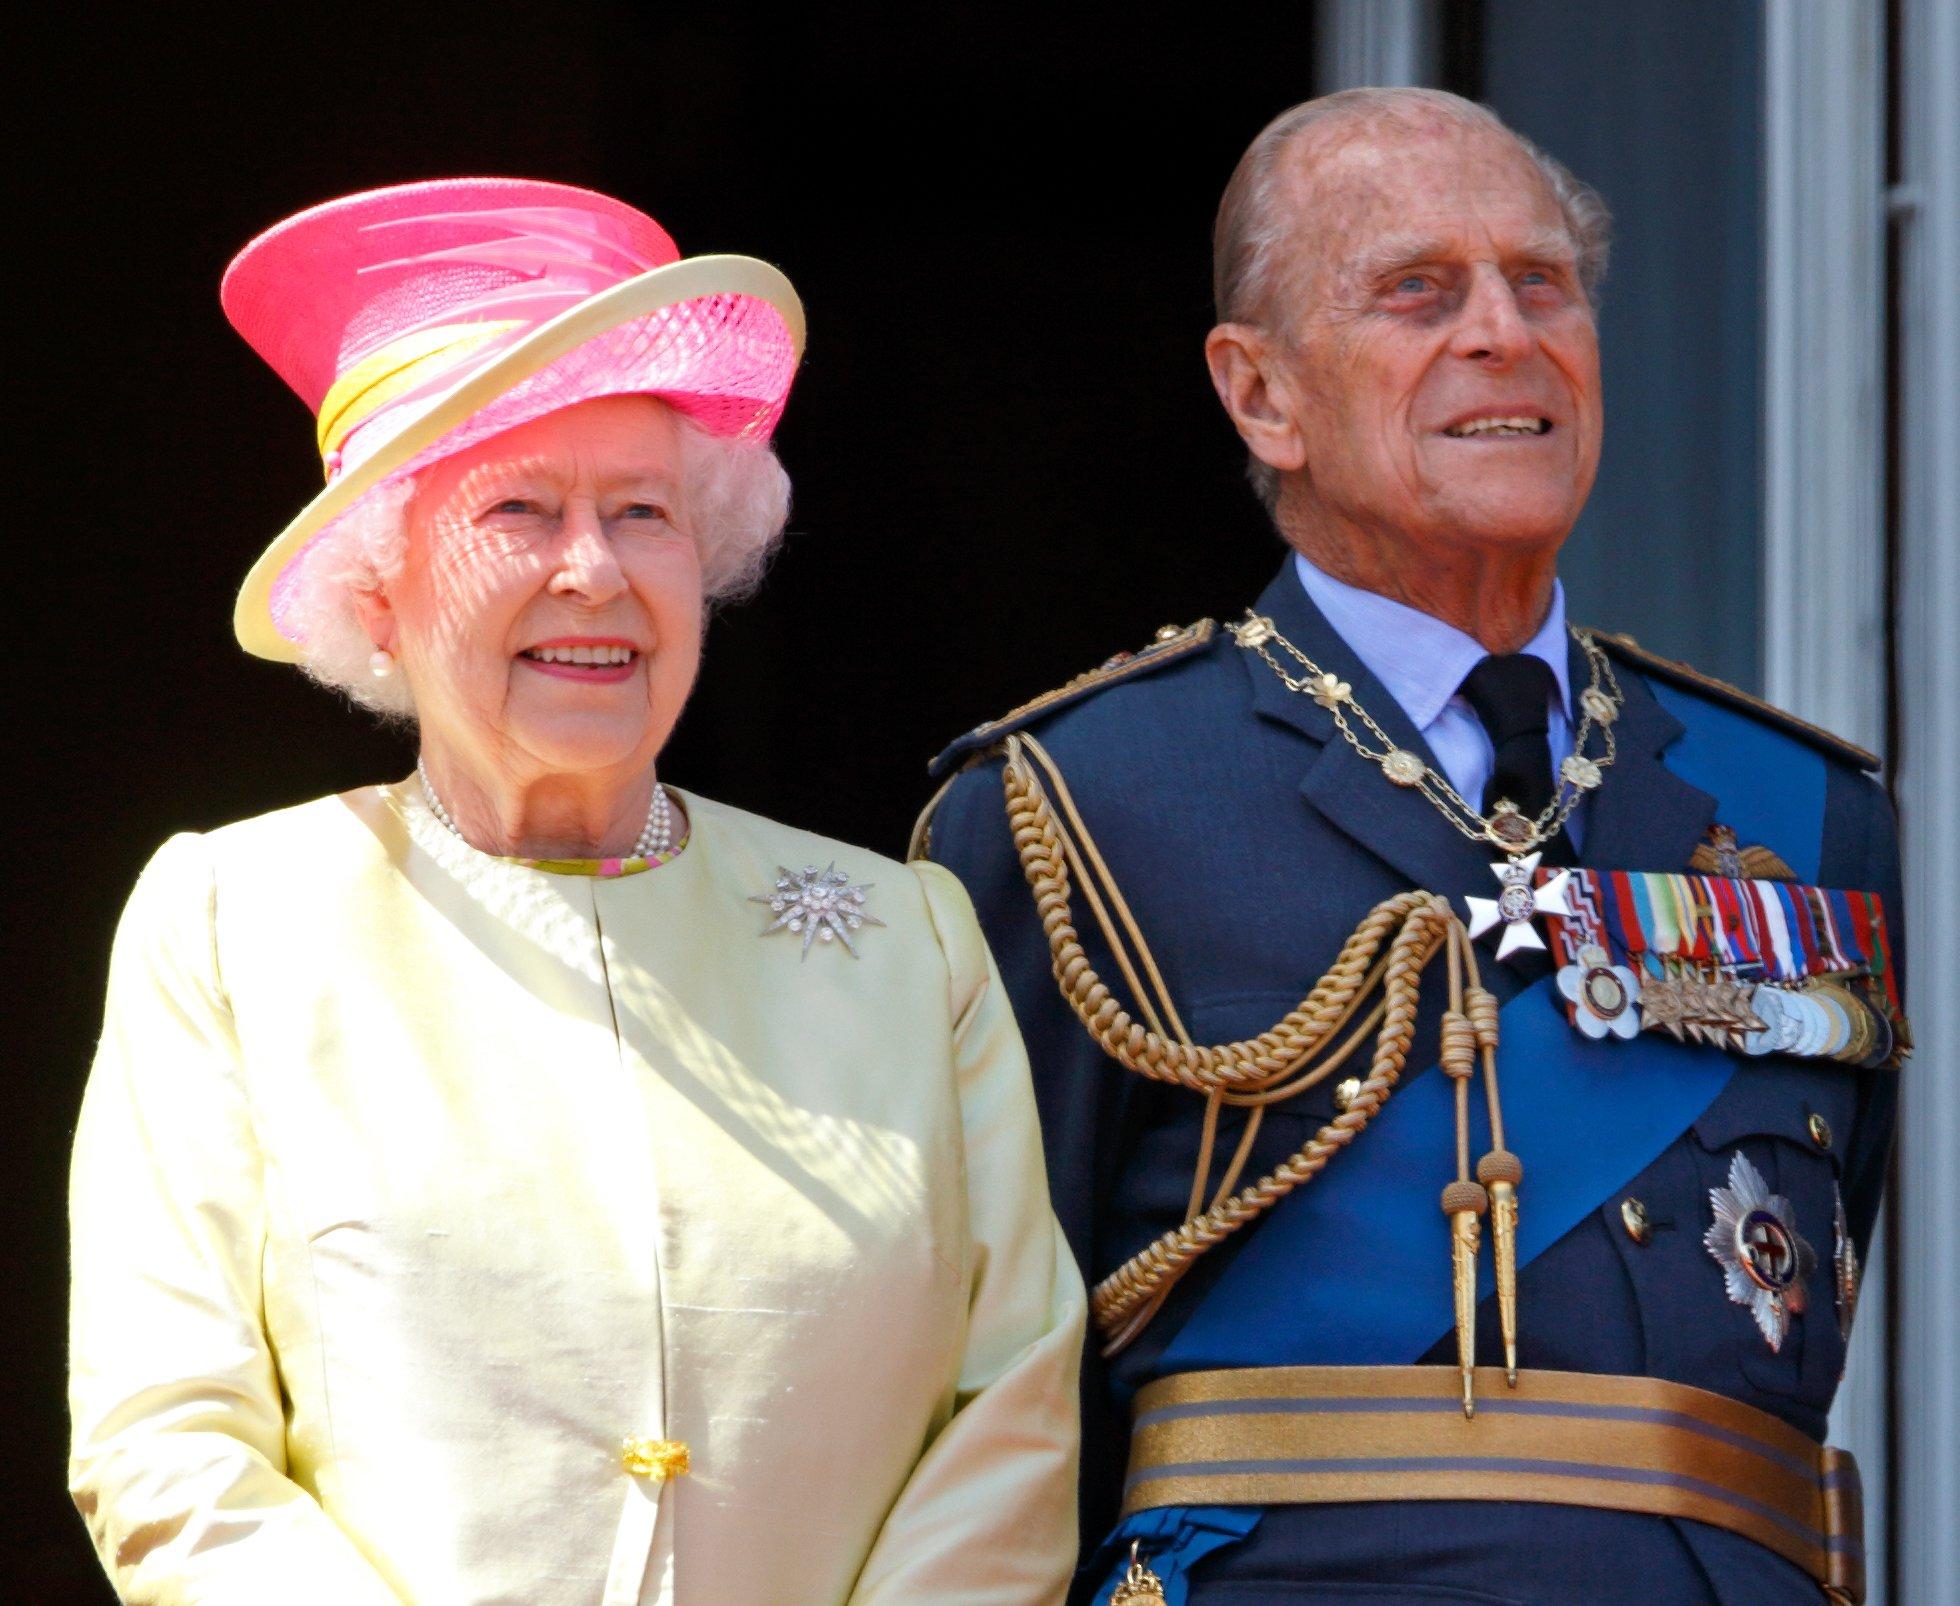 نتيجة بحث الصور عن الملك فيليب زوج اليزابيث